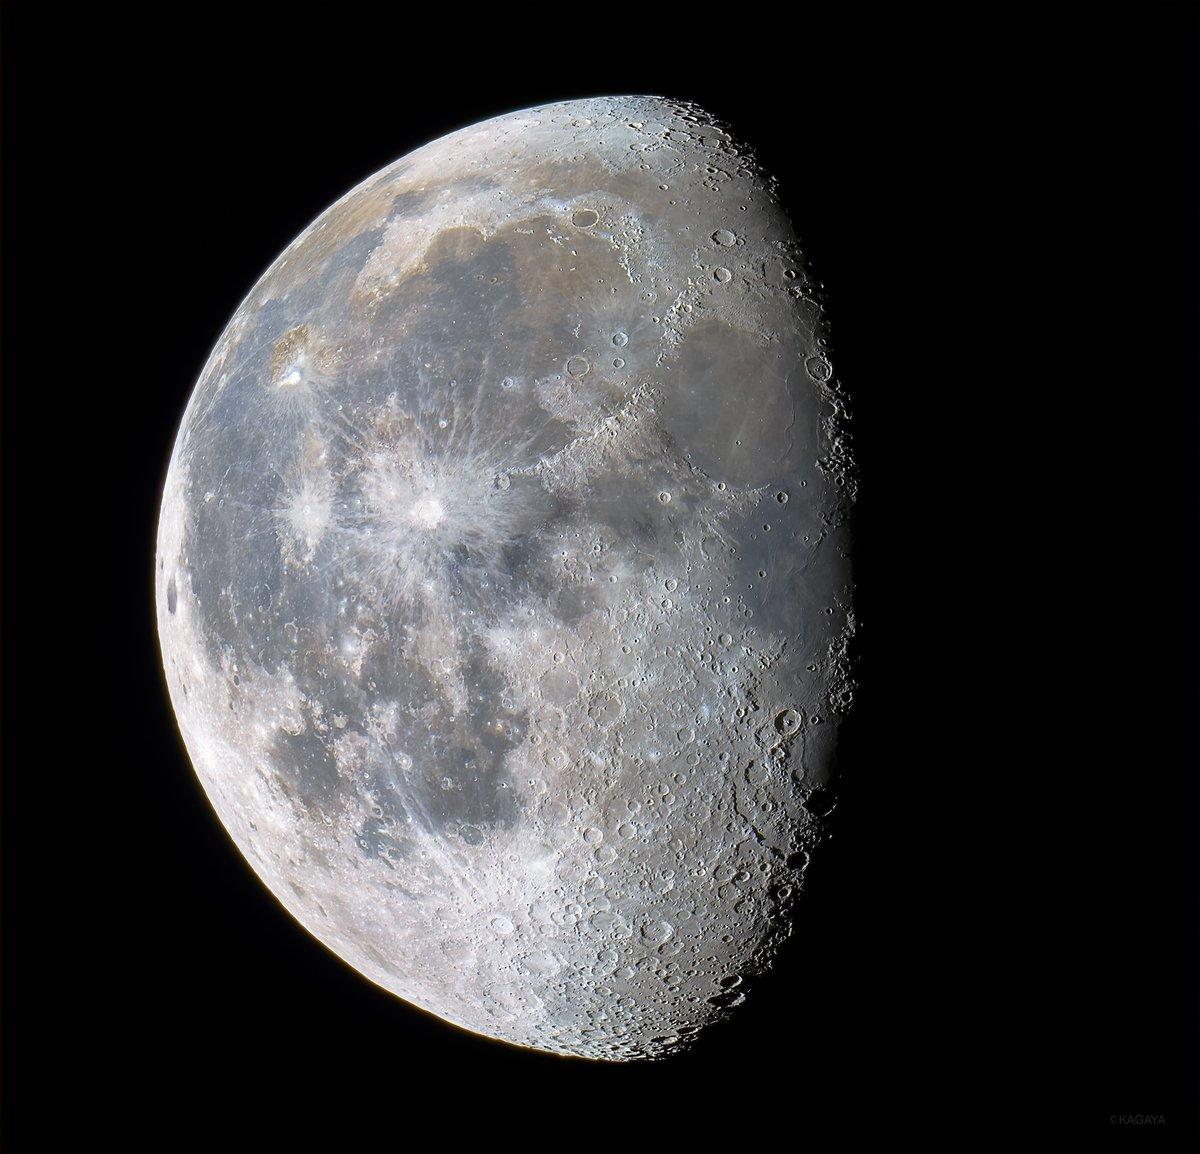 雨上がりの深夜に輝く更待月(ふけまちづき)。 (先ほど撮影)